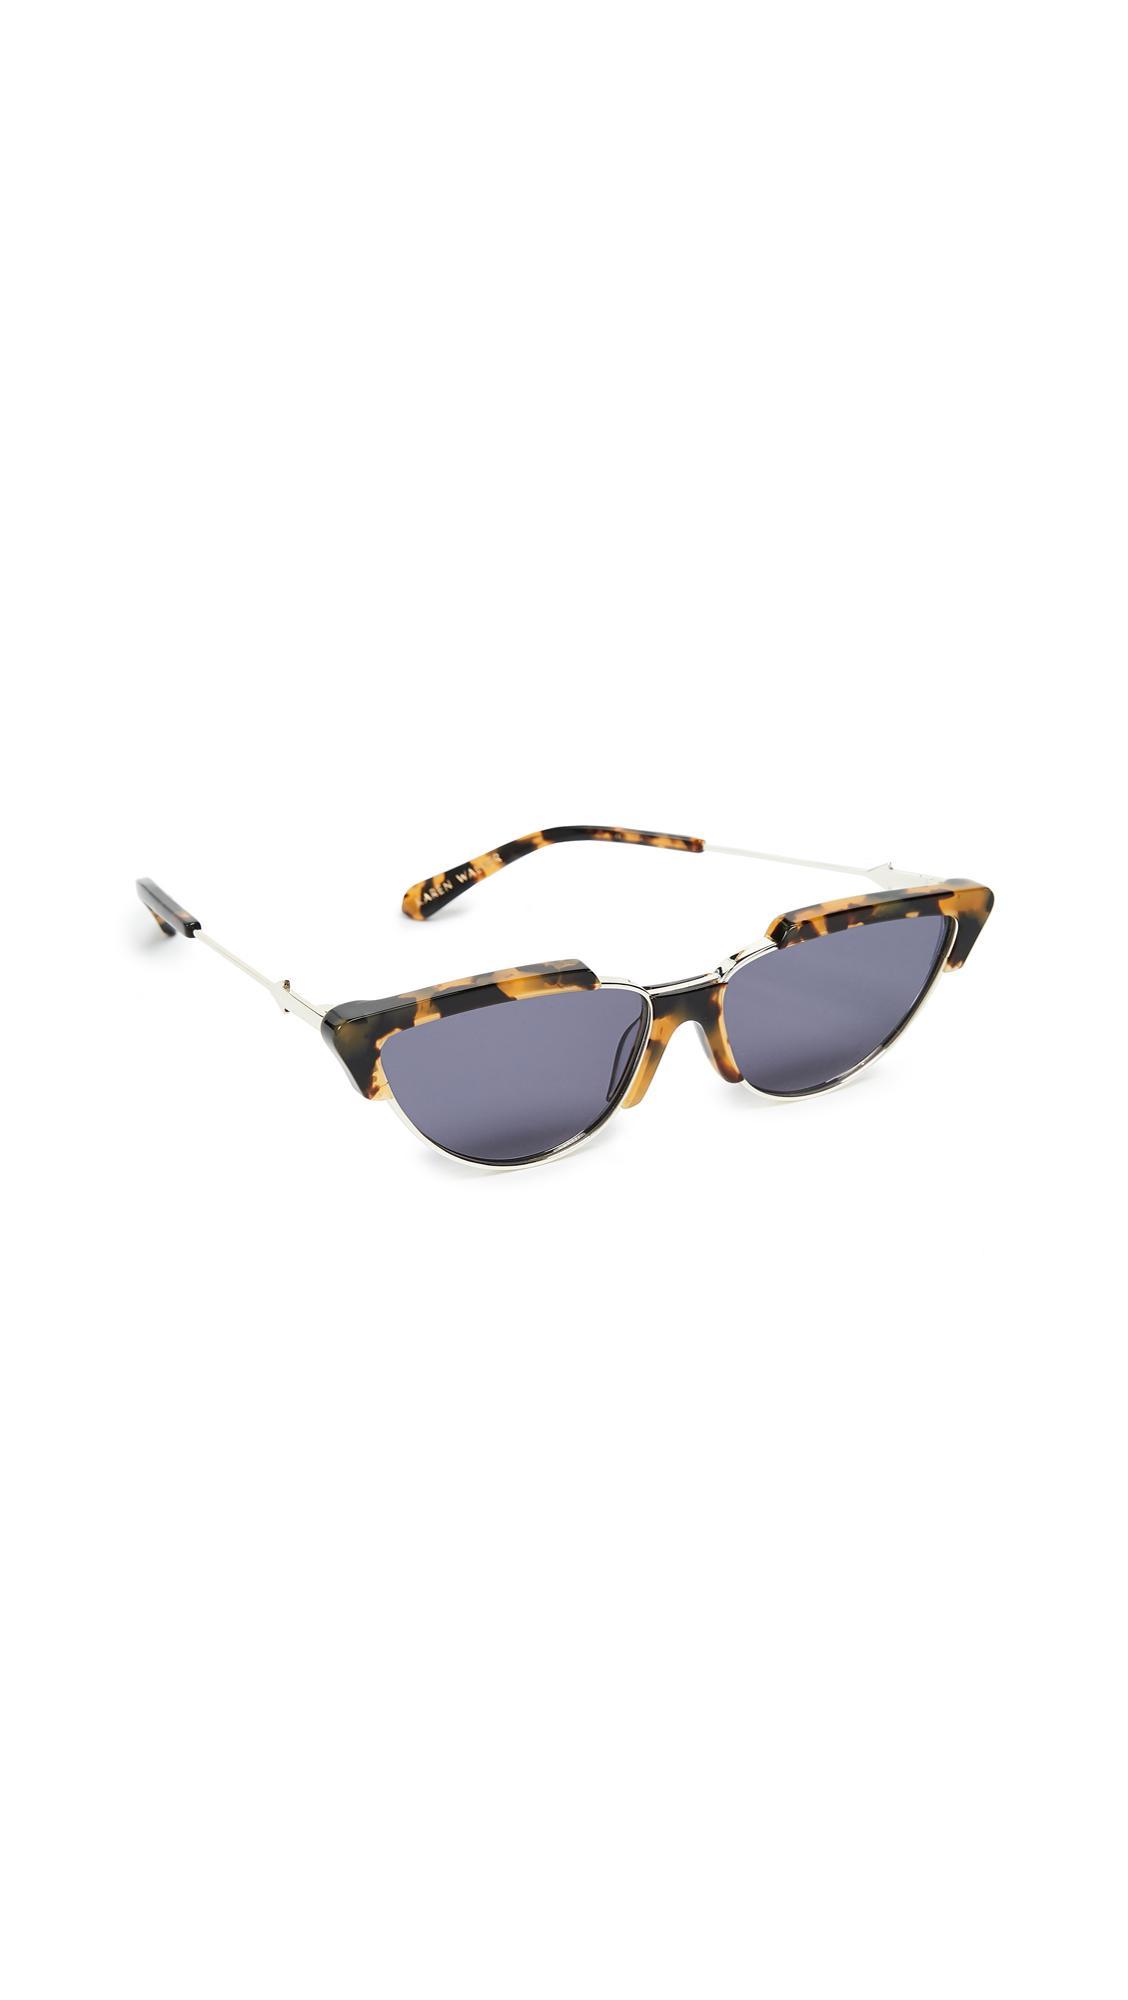 Karen Walker Tropics Sunglasses in Black